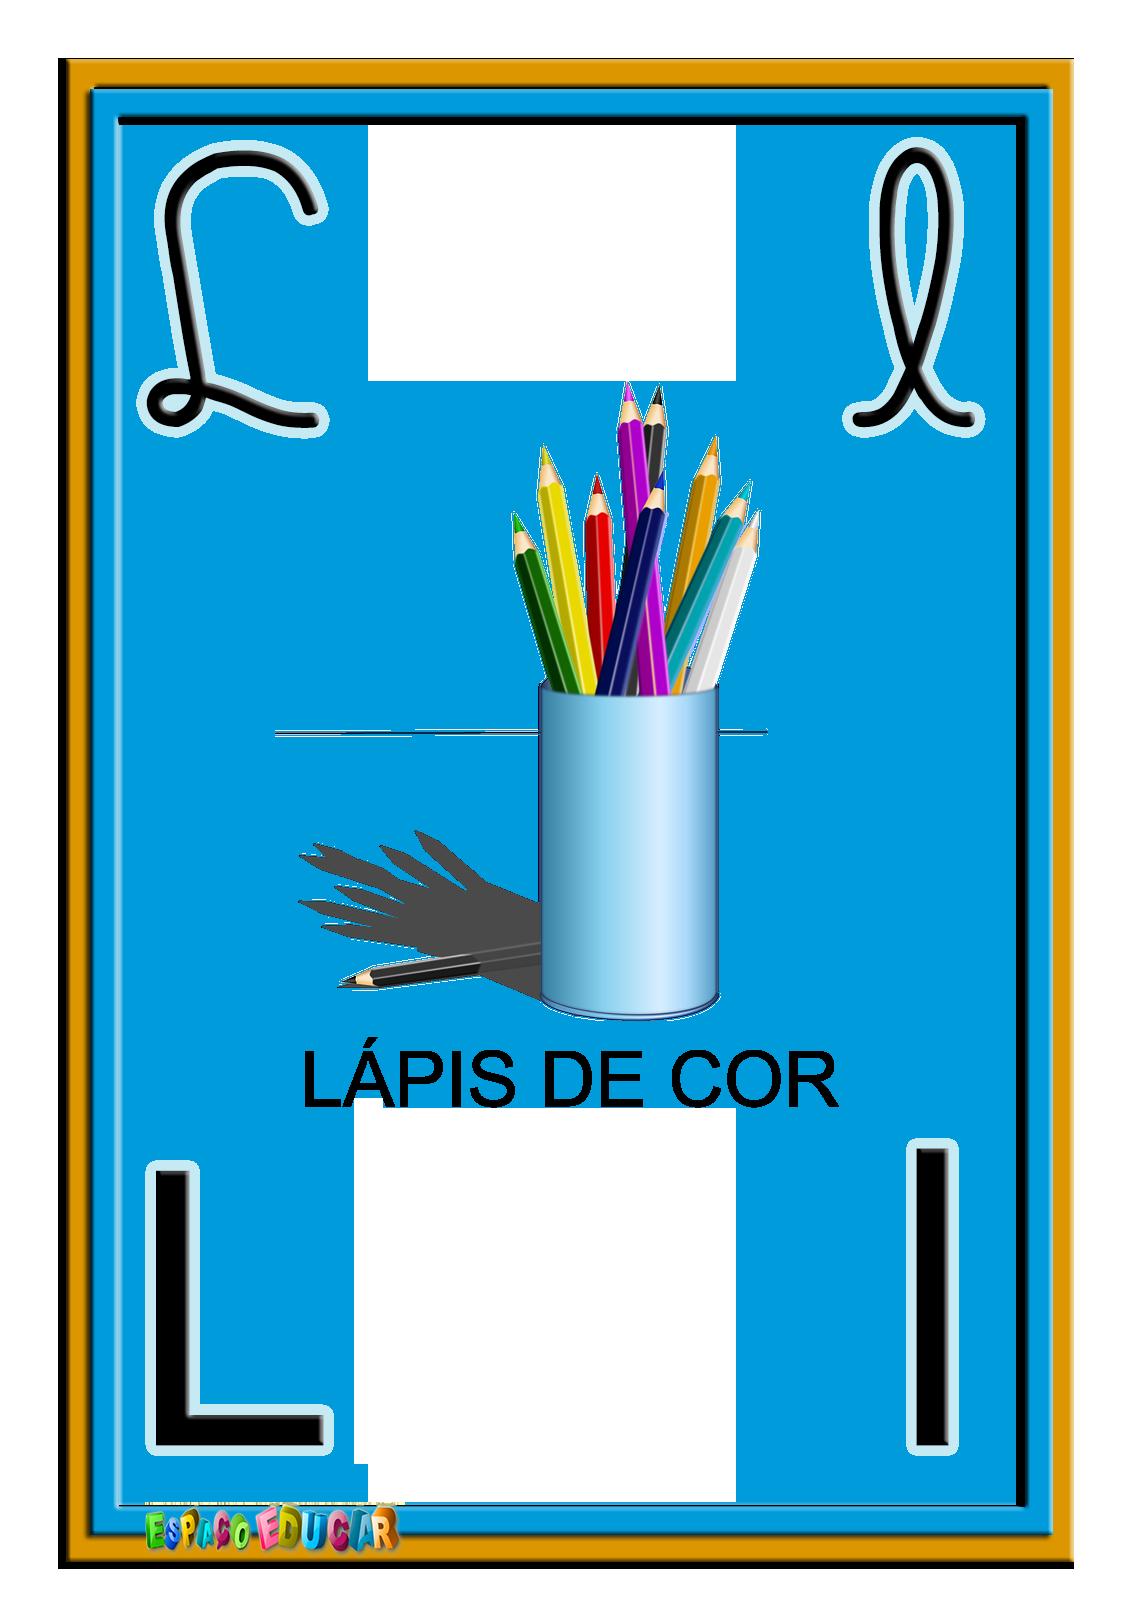 Alfabeto Colorido Quatro Tipos Letras Www Espacoeducar 2813 29